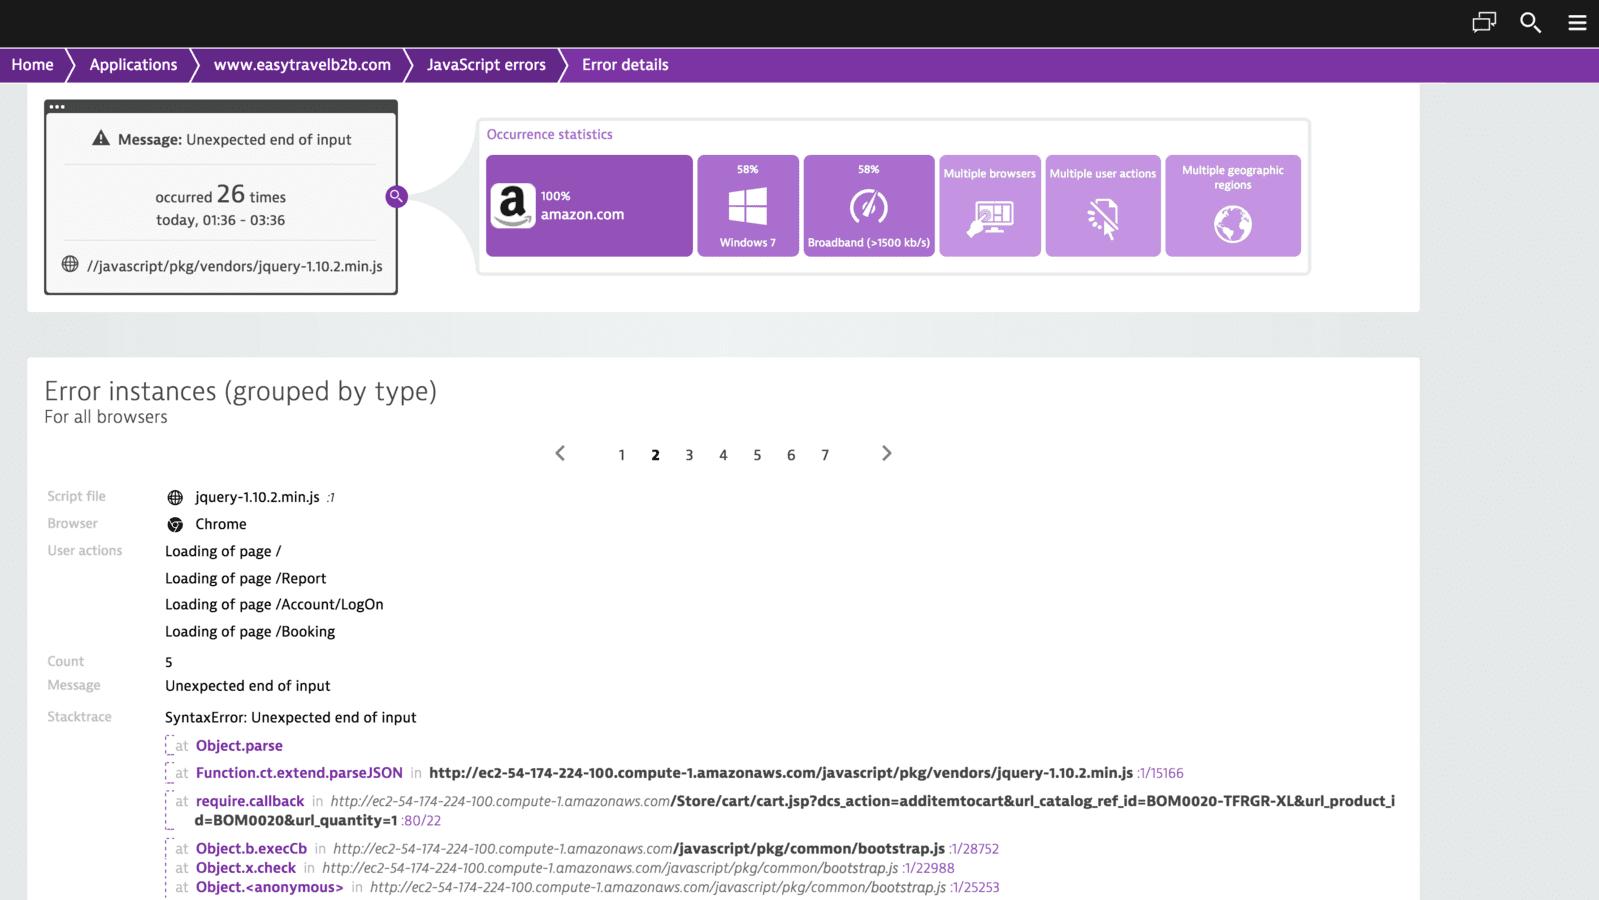 capture-javascript-errors-1600-1c2a995068.png